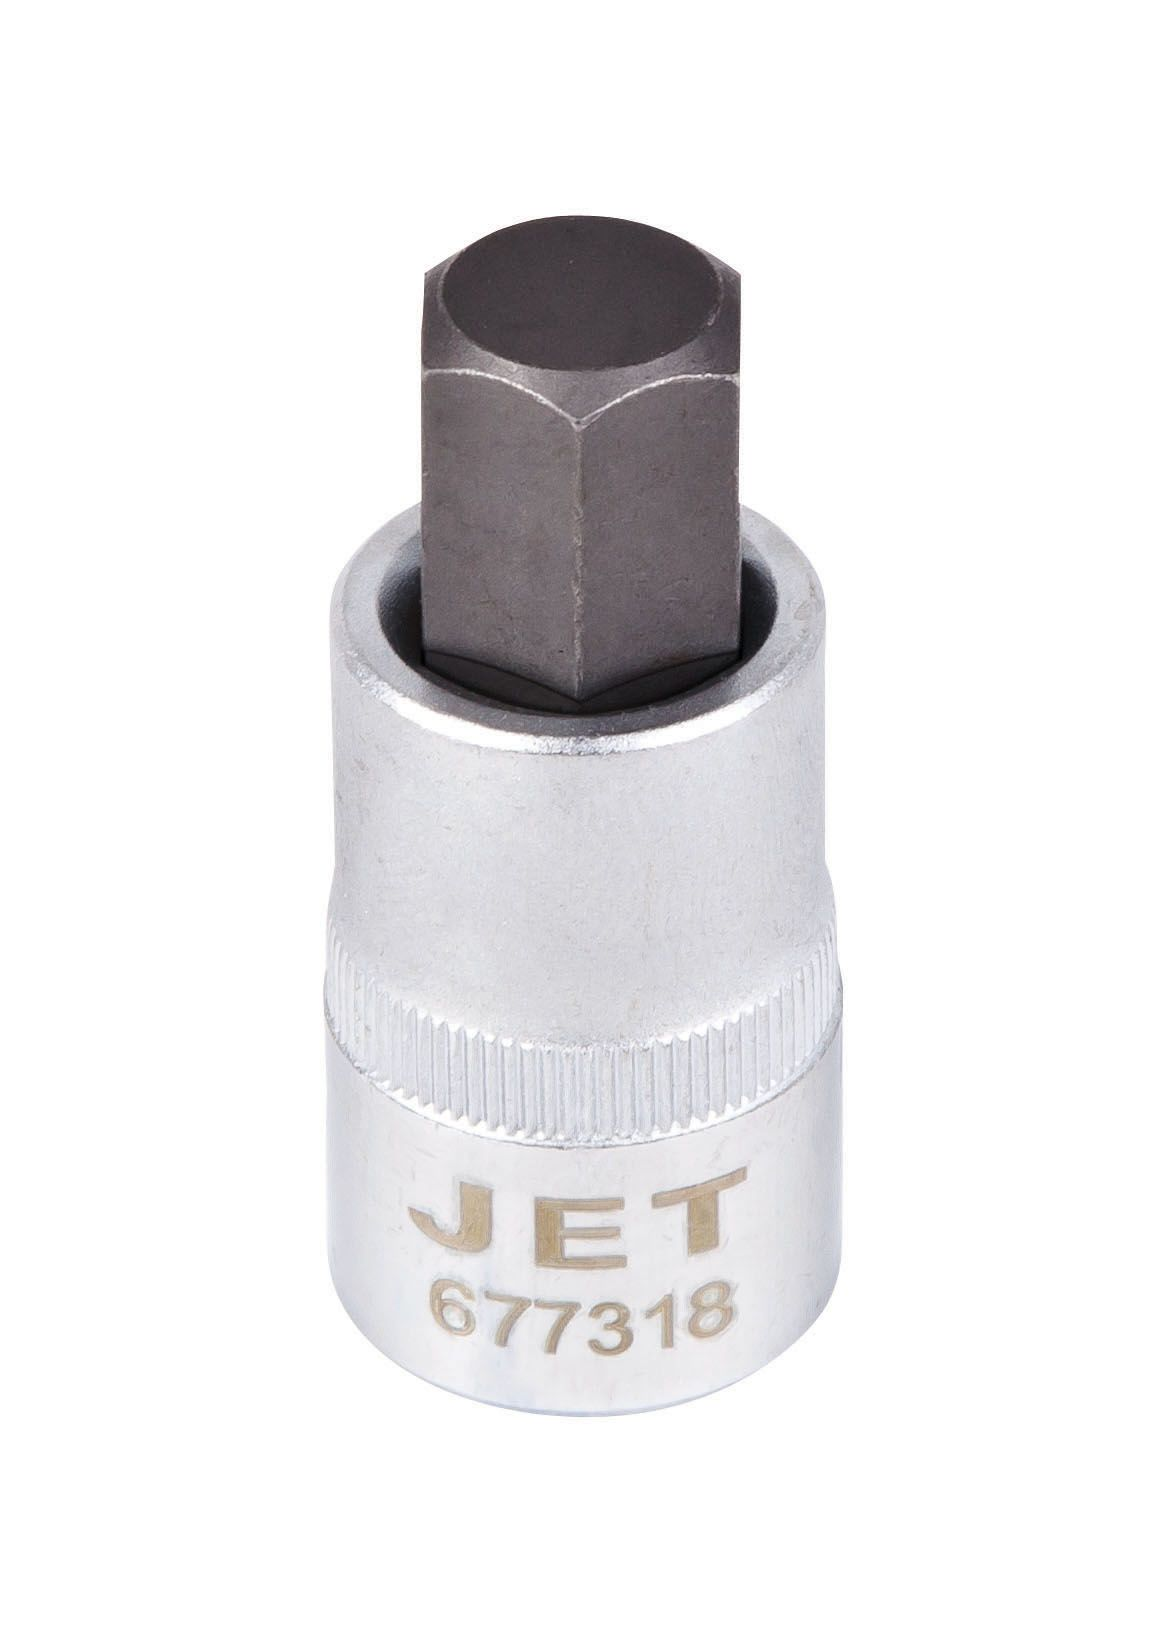 Jet 677316 Douille hexagonale 1/2